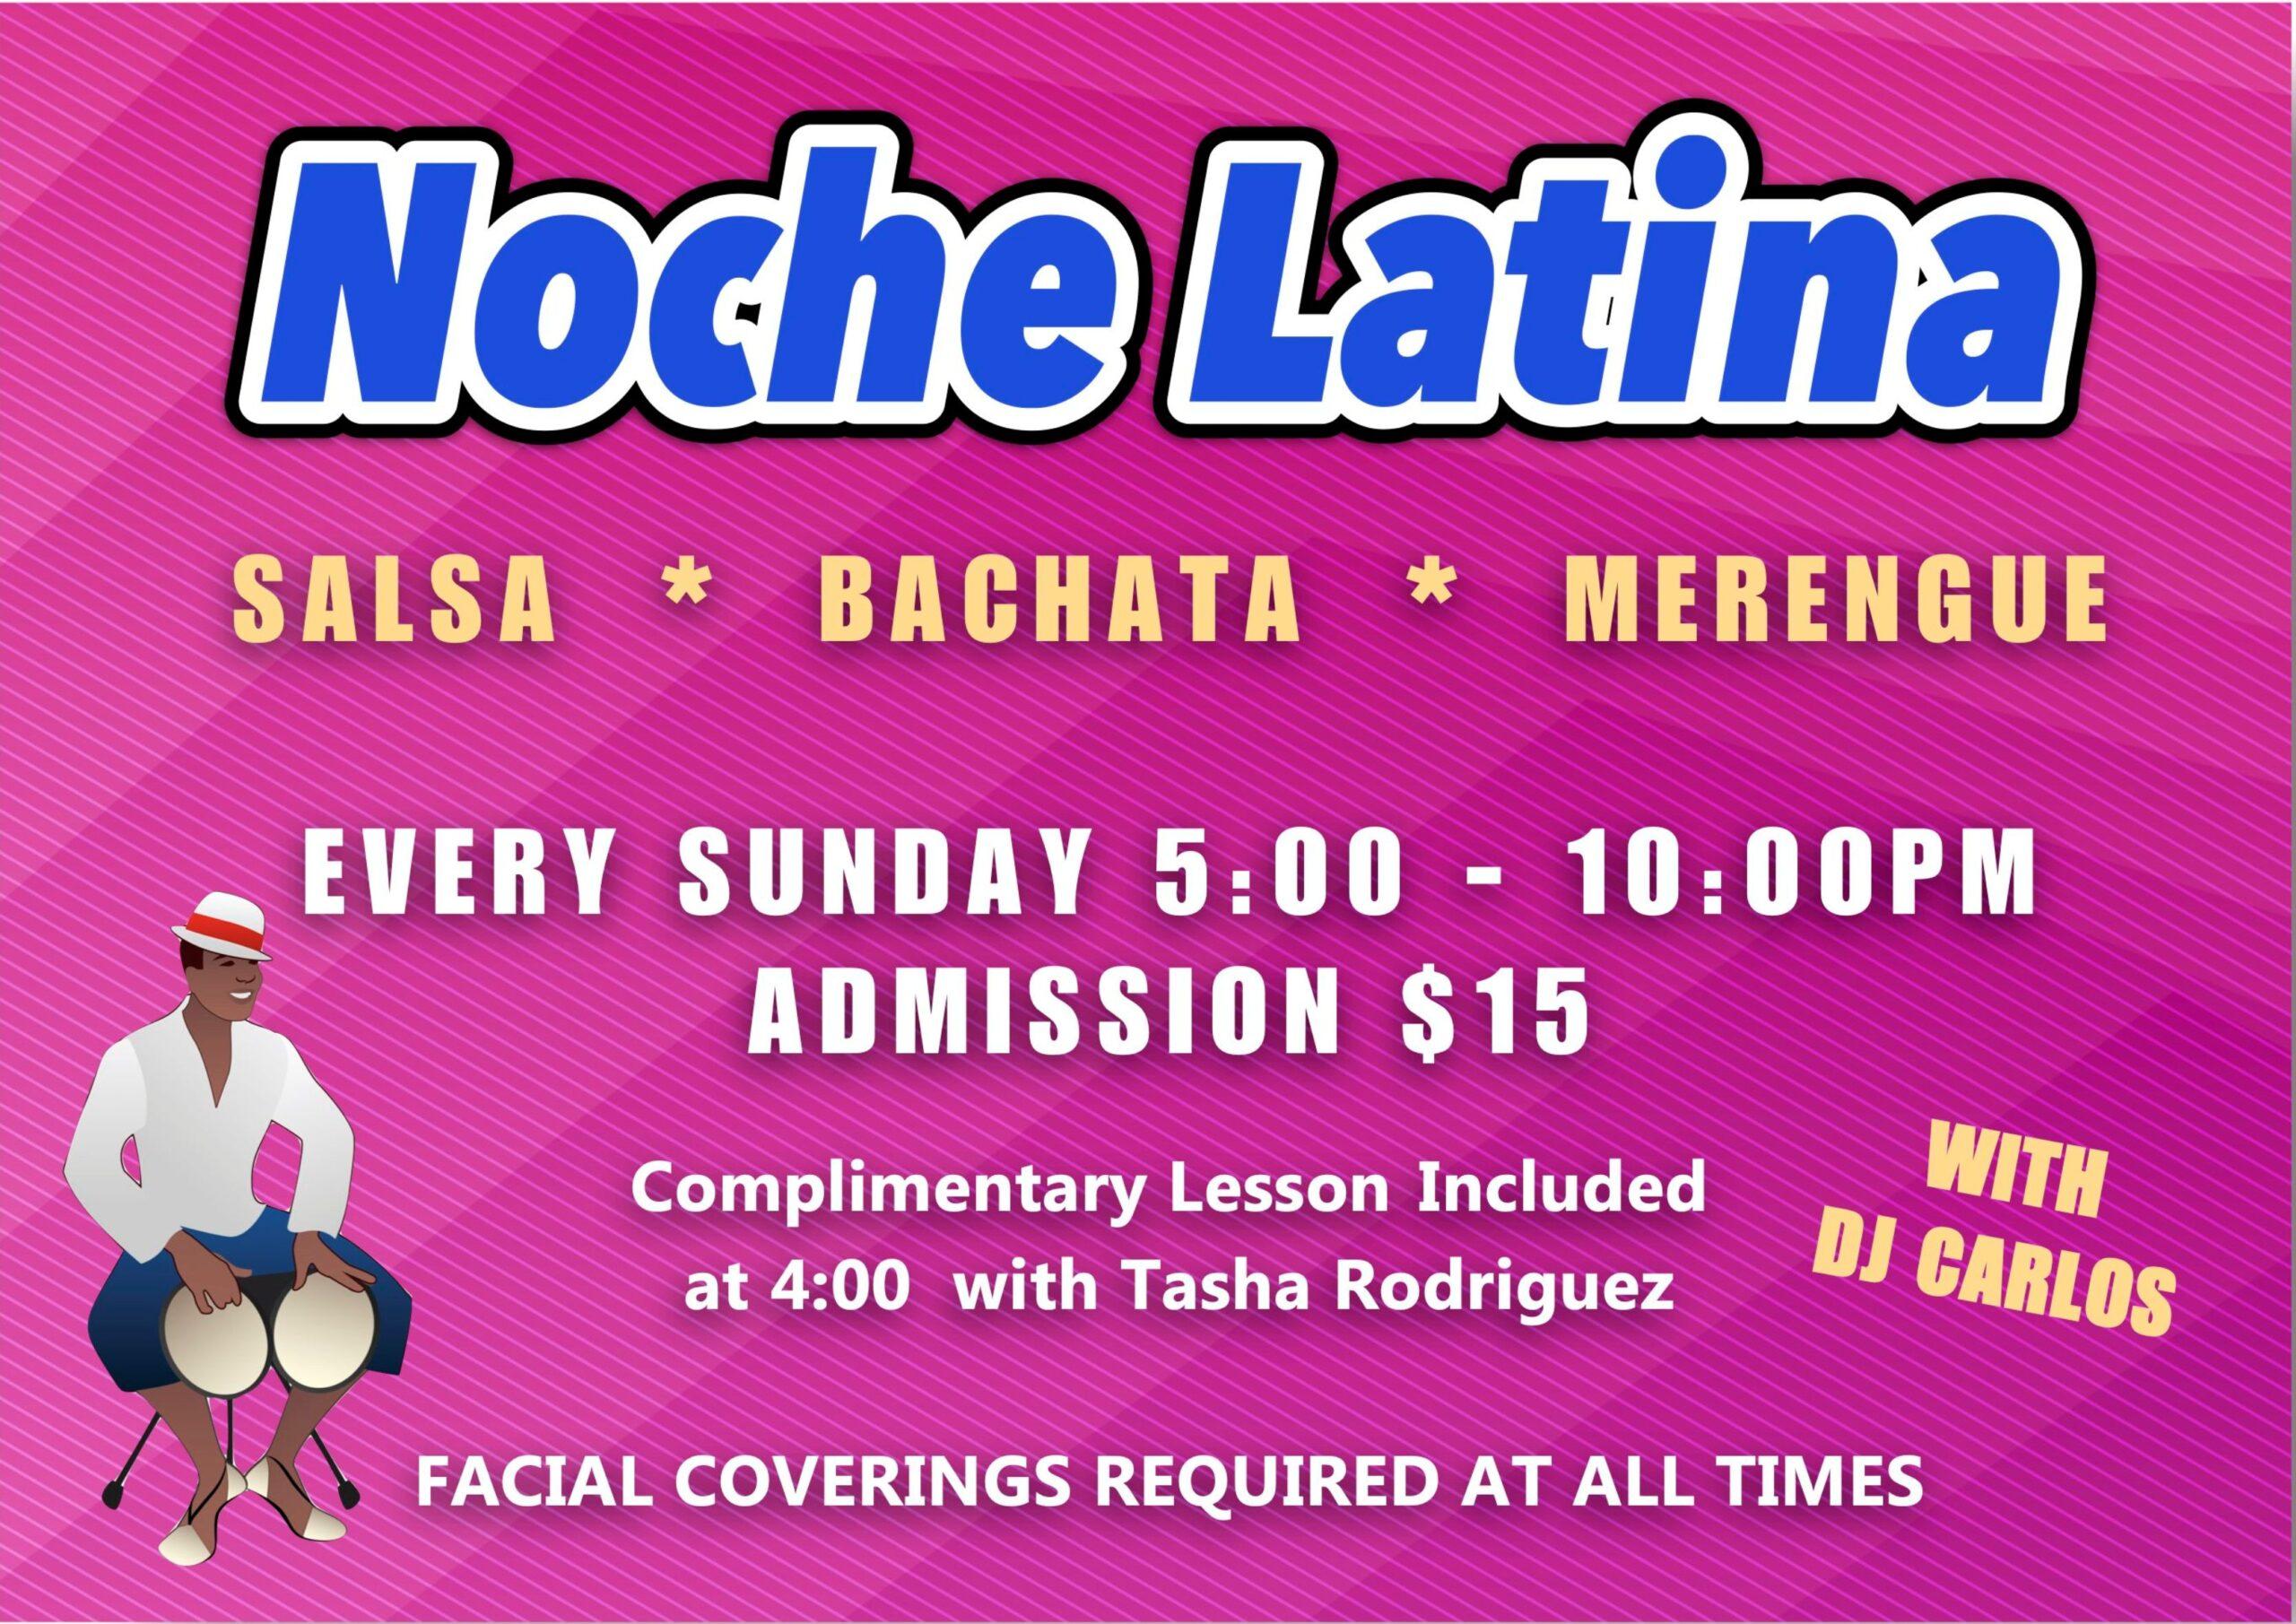 Noche Latina at Goldcoast Ballroom - Every Sunday - 5 - 10 pm